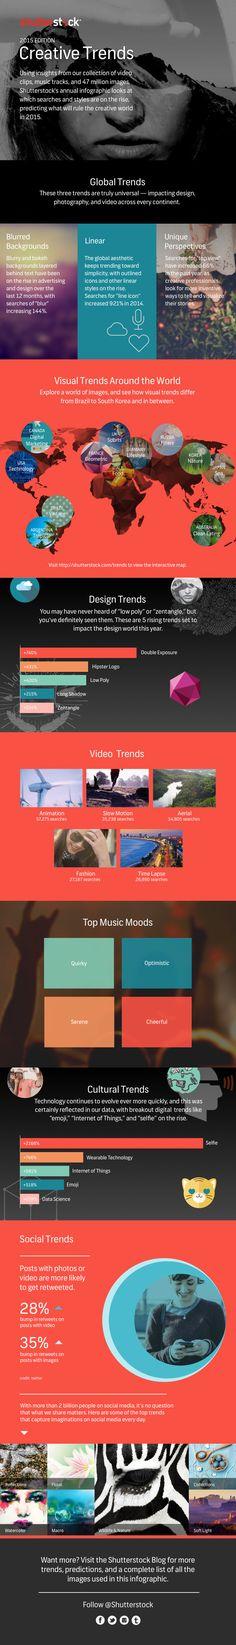 Infographic: Explore...